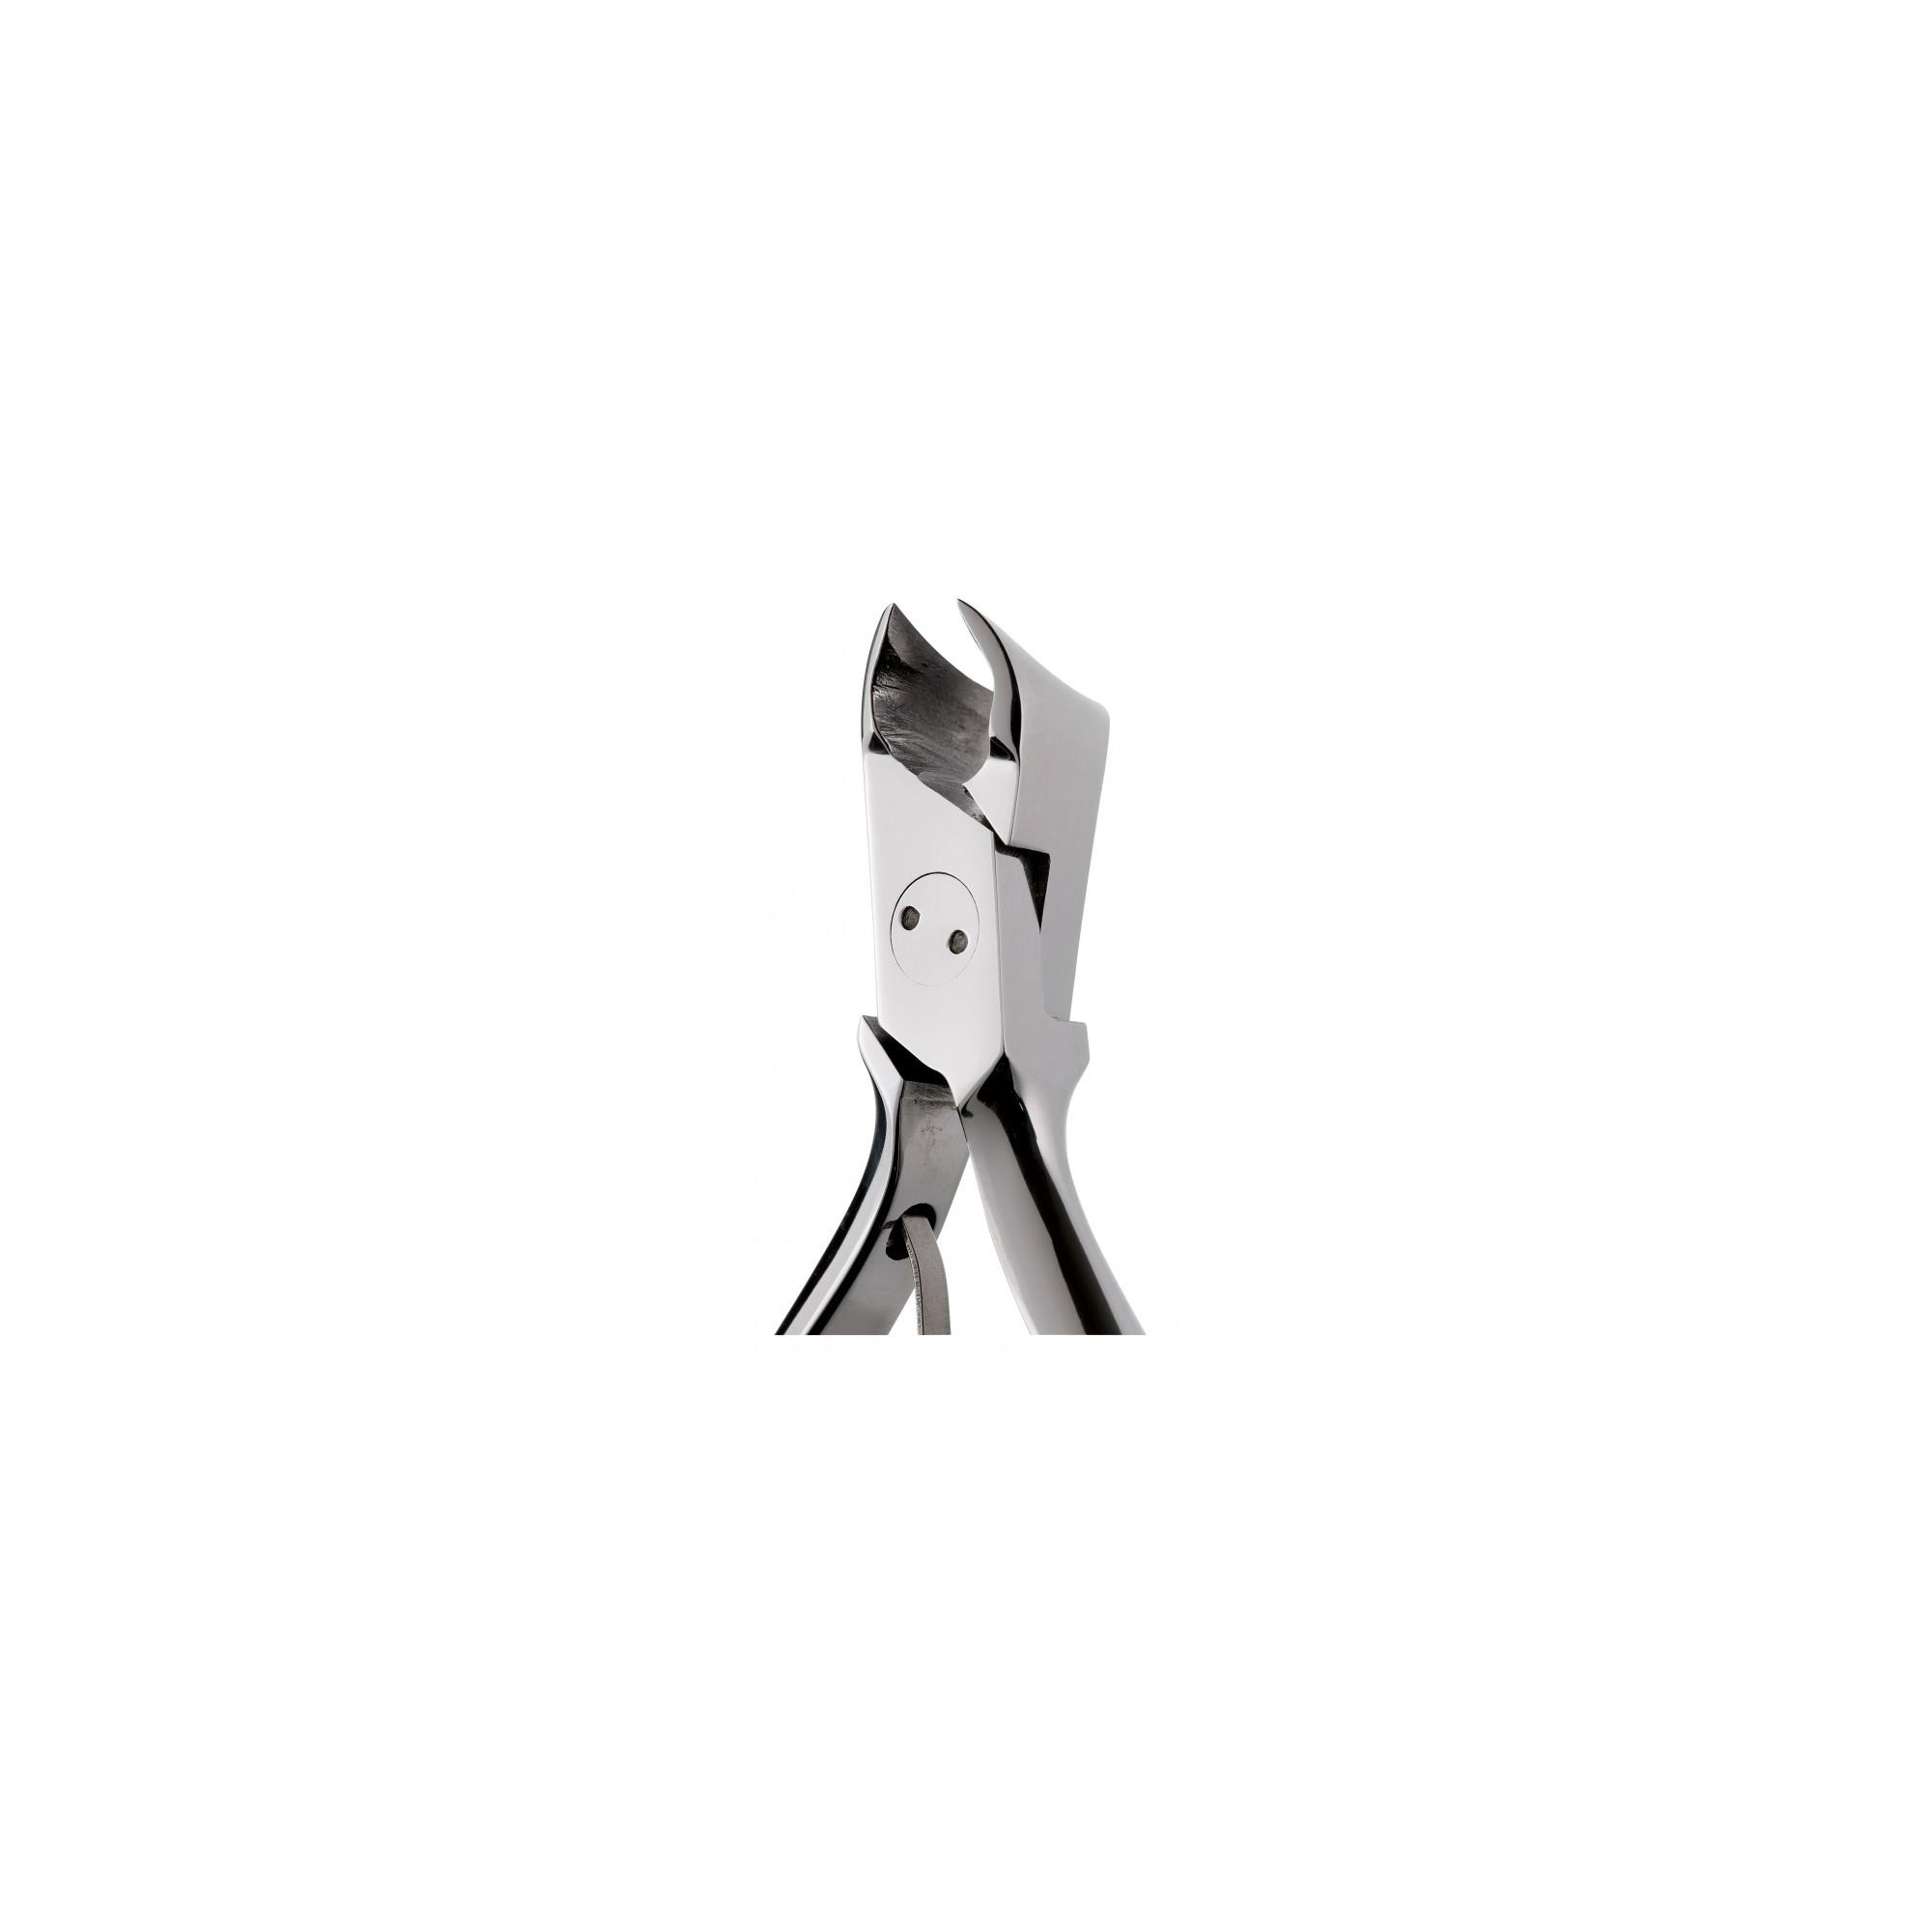 Pince à ongles incarnés morts obliques courts 15 mm coupe arrondie ELITECH by Eloi